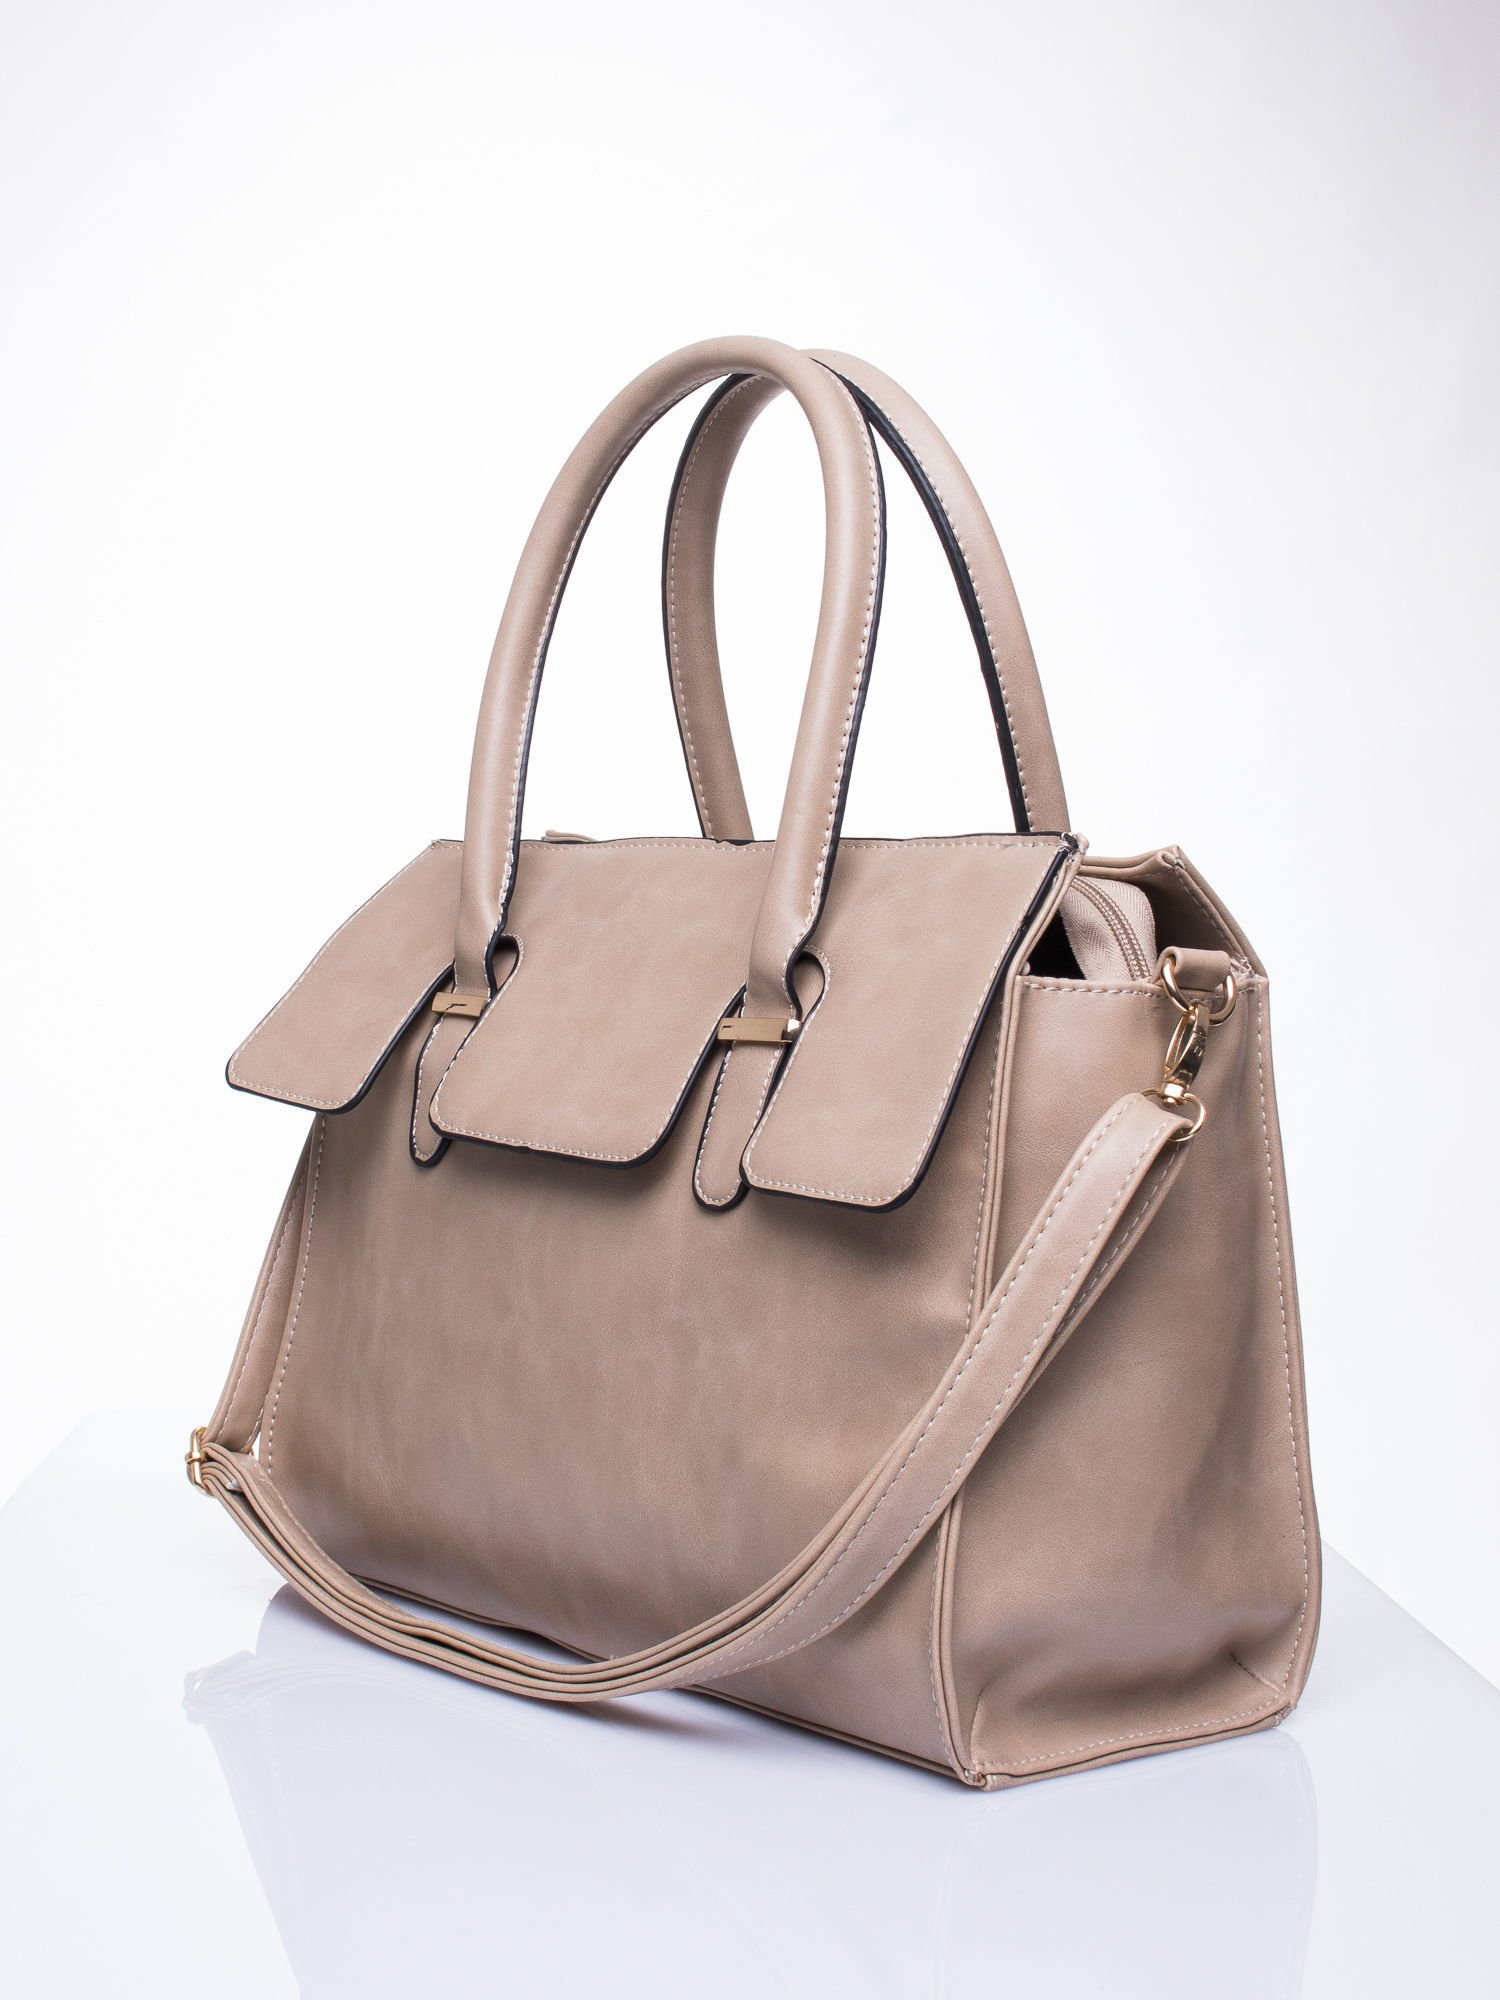 Beżowa torebka teczka z klapką                                  zdj.                                  3